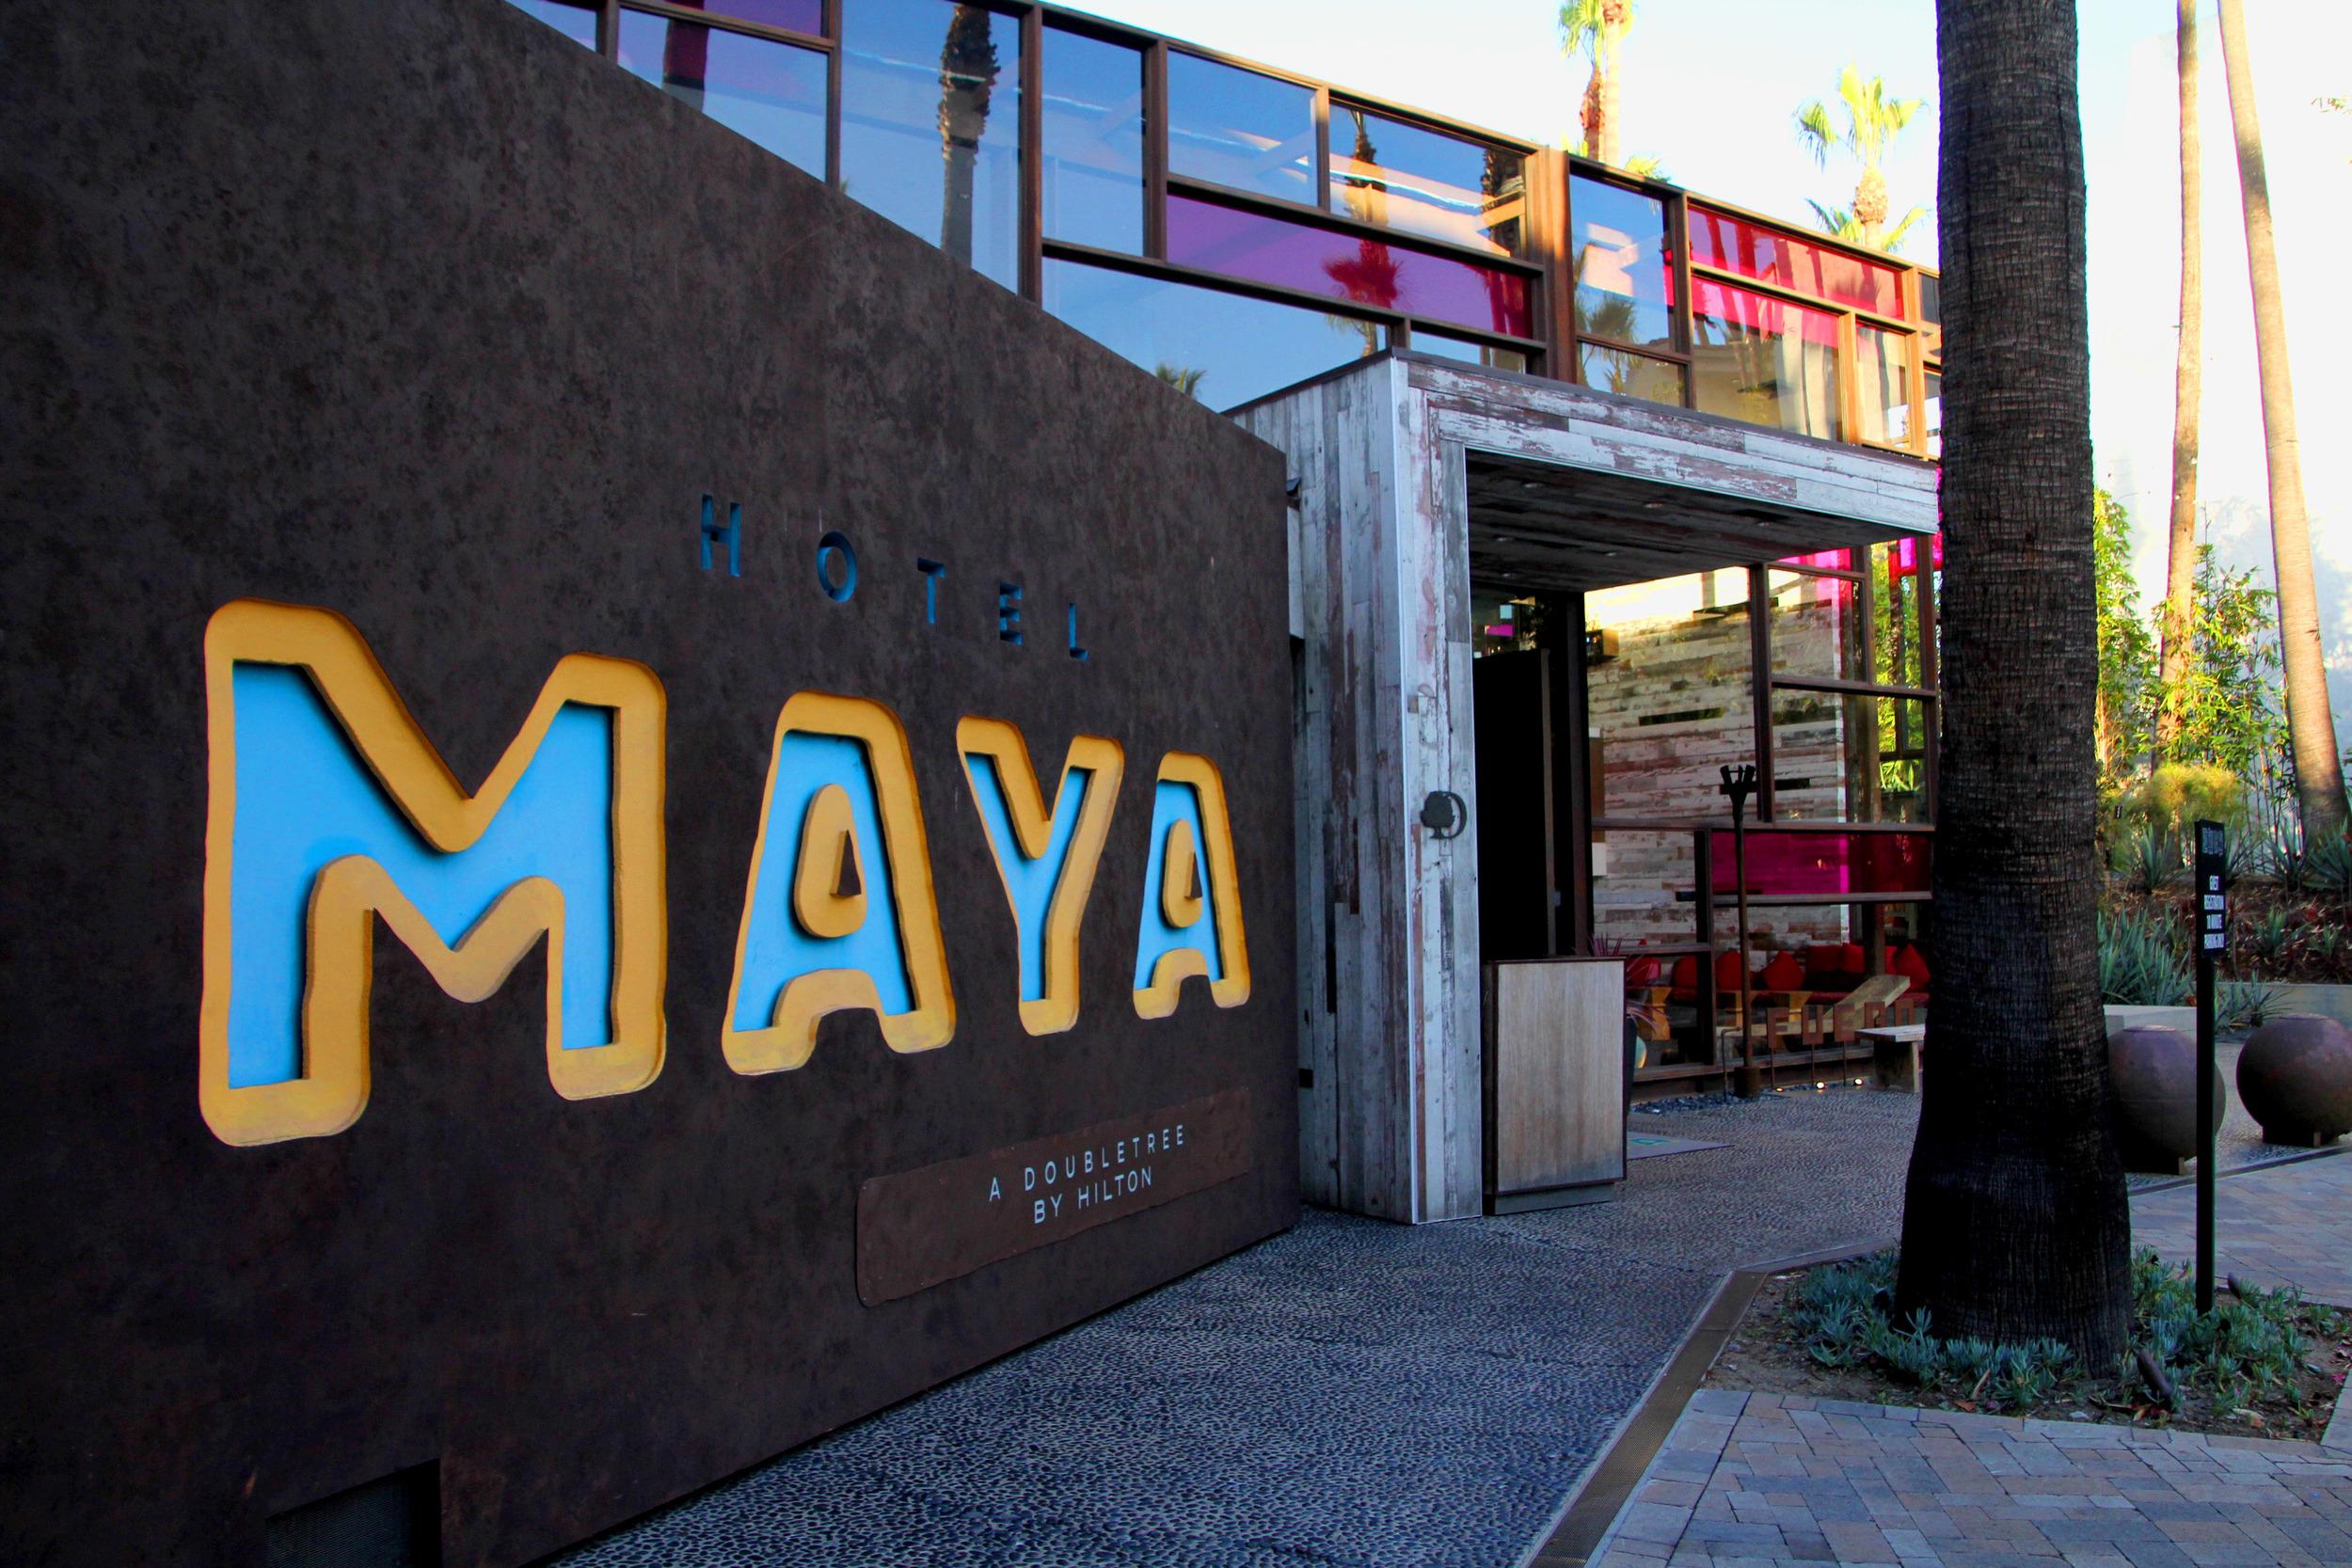 Hotel Maya front sign